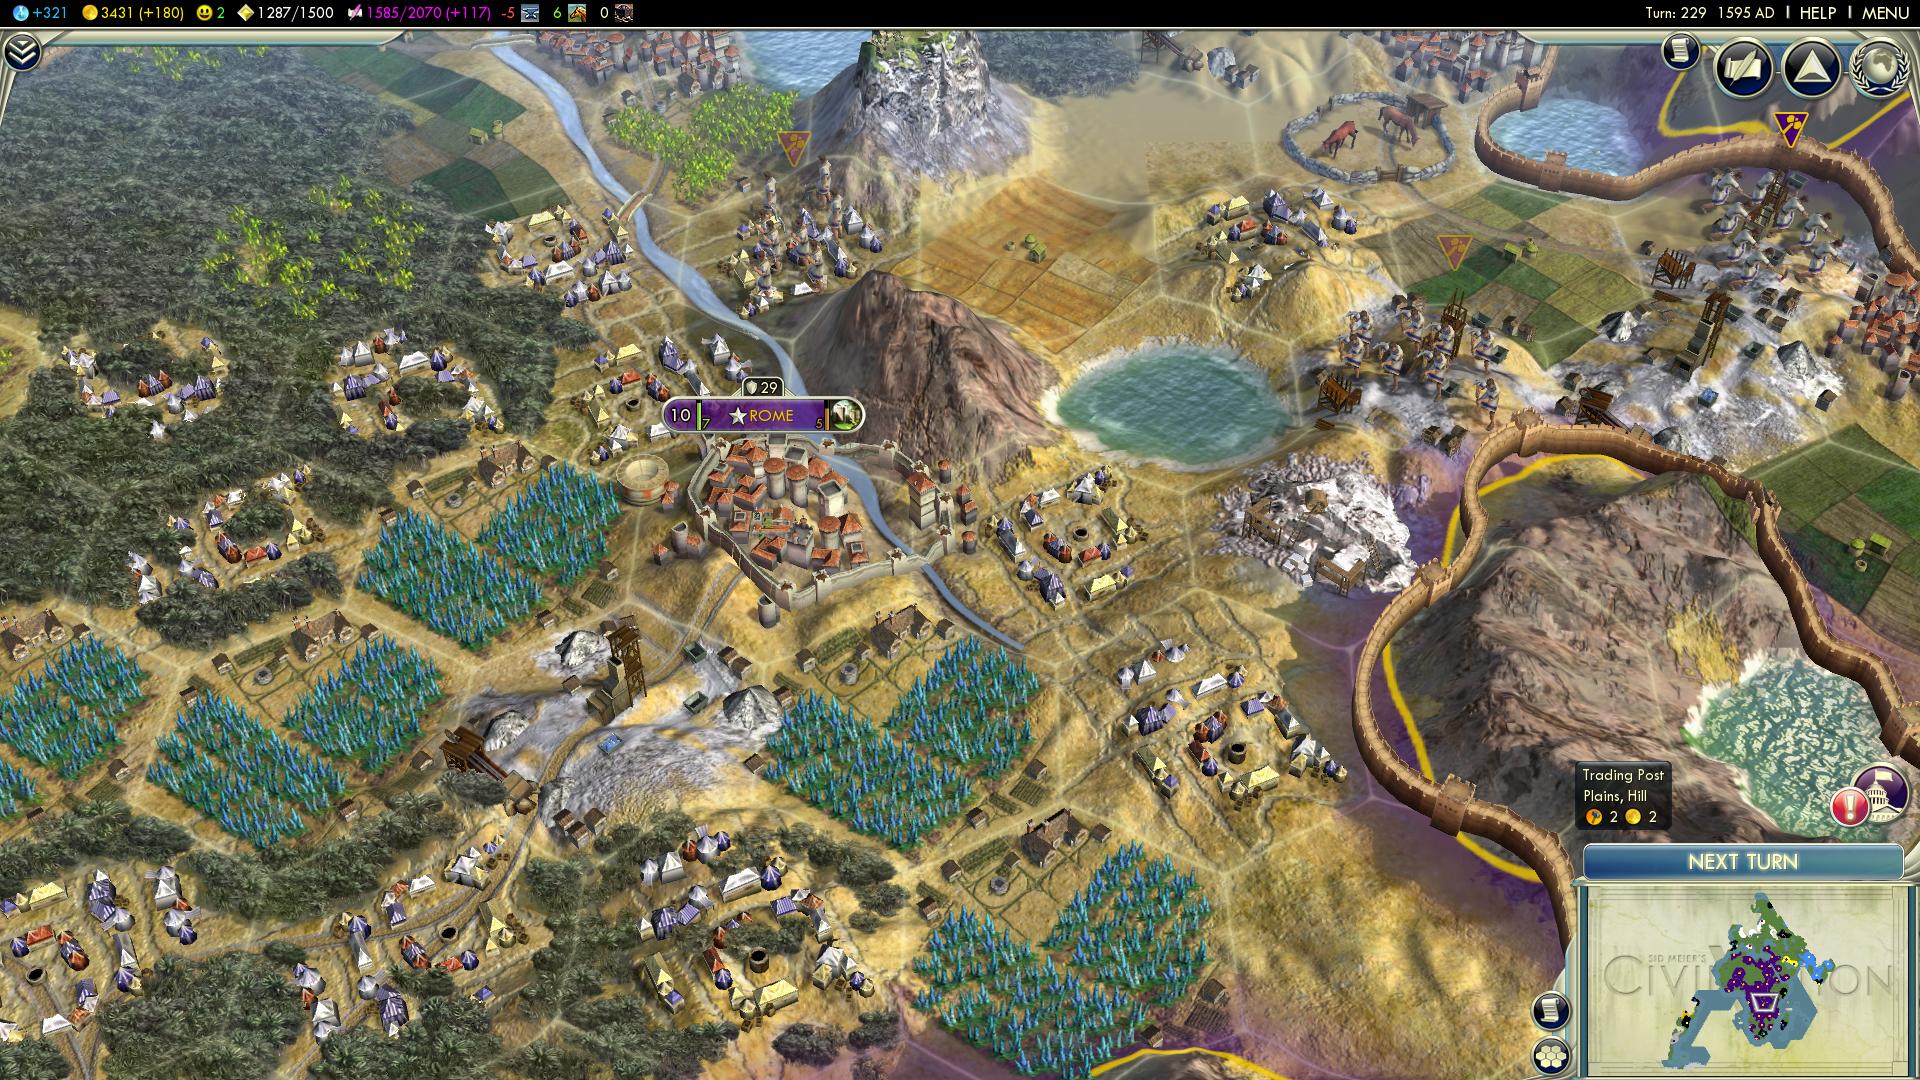 Онлайн стратегии в стиле цивилизации онлайн стратегии игры по интернету